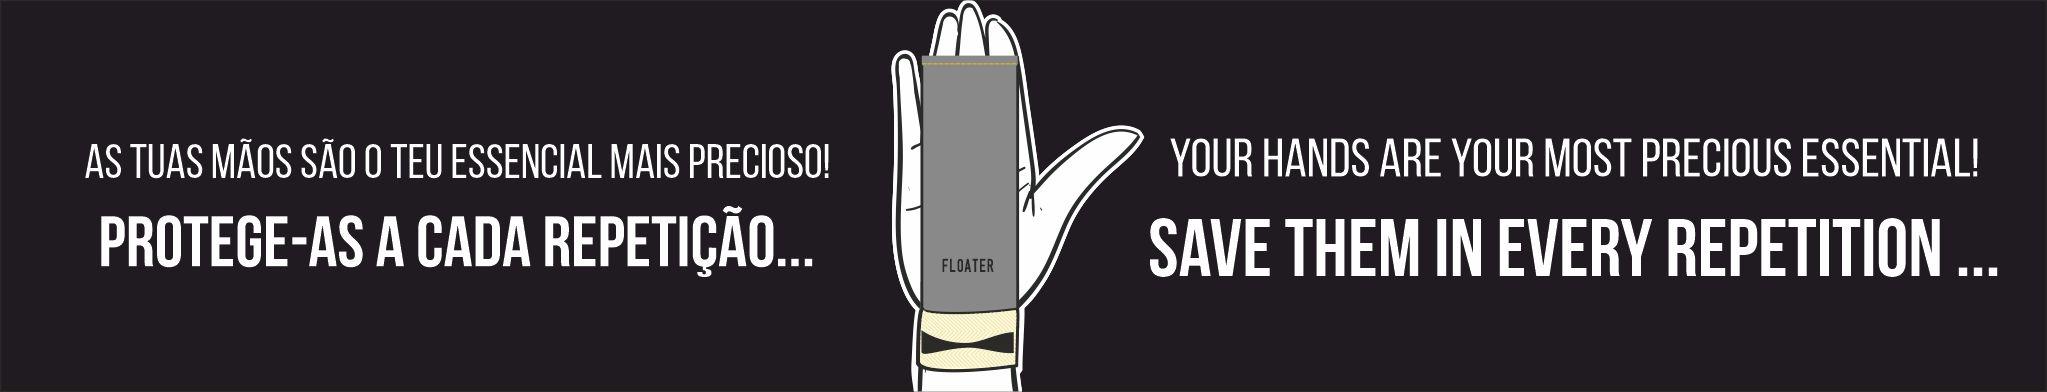 banner-hands-float